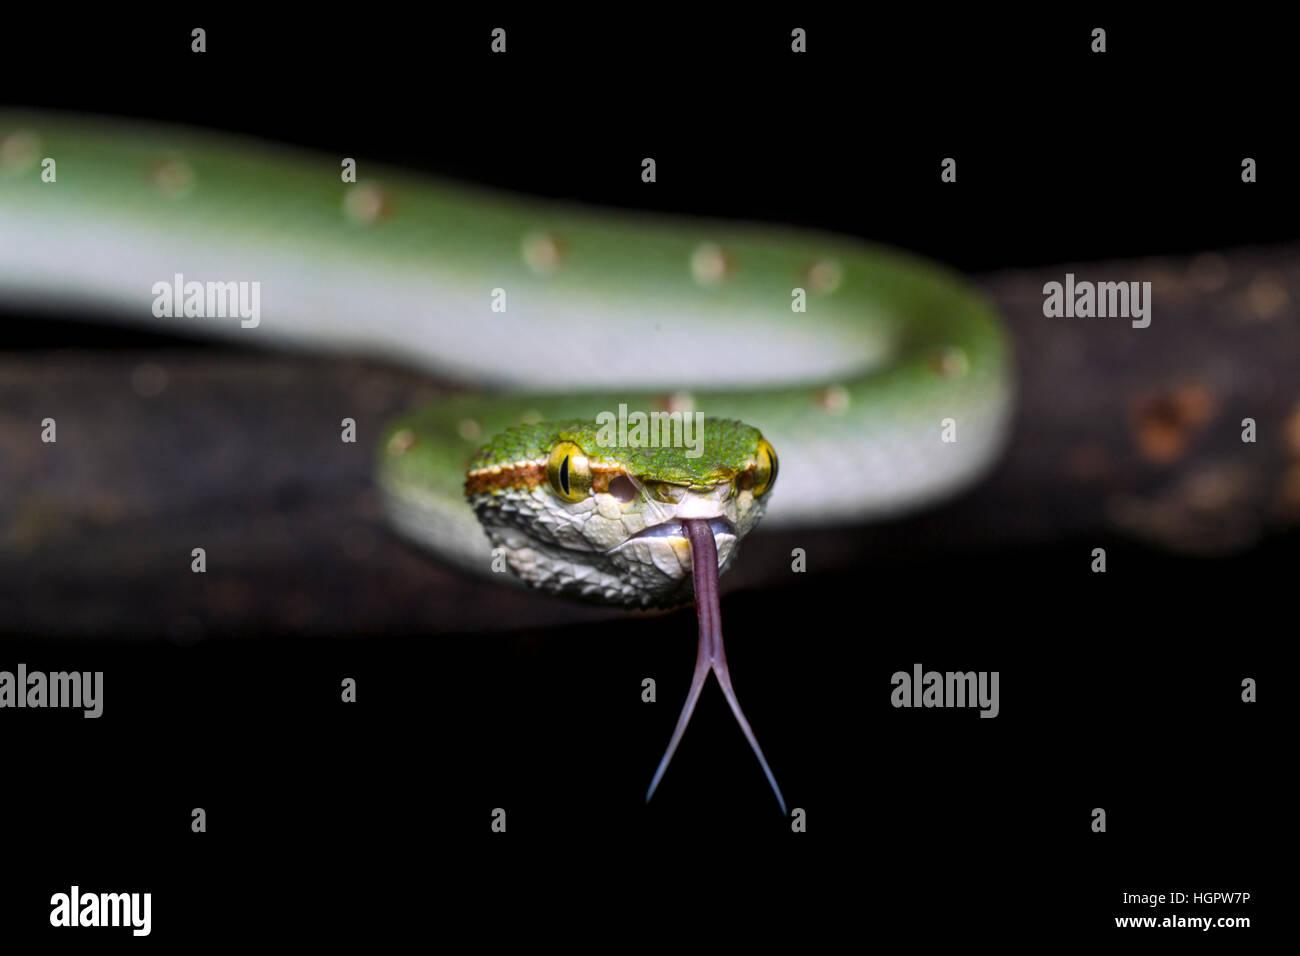 Wagler Grubenotter (Tropidolaemus Wagleri) Probenahme Luftteilchen mit gespaltener Zunge im tropischen Regenwald Stockbild